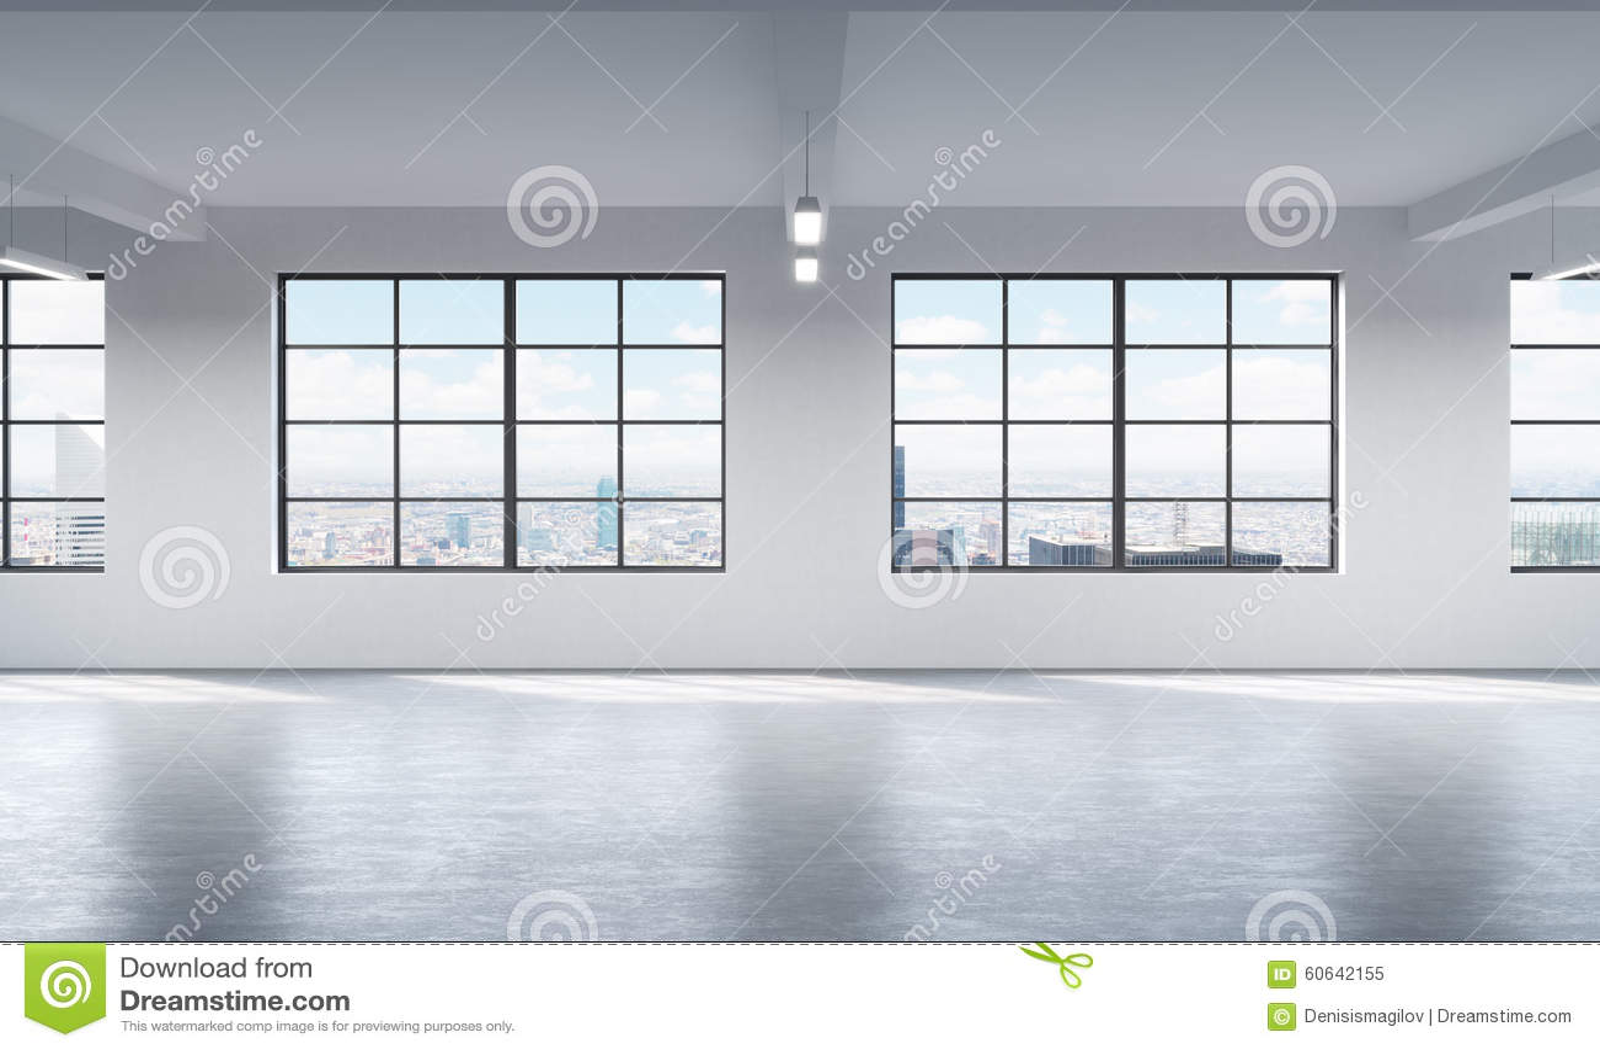 Σύγχρονο φωτεινό καθαρό εσωτερικό ενός ανοιχτού χώρου ύφους σοφιτών Τεράστια παράθυρα και άσπροι τοίχοι Πανοραμική άποψη πόλεων τ